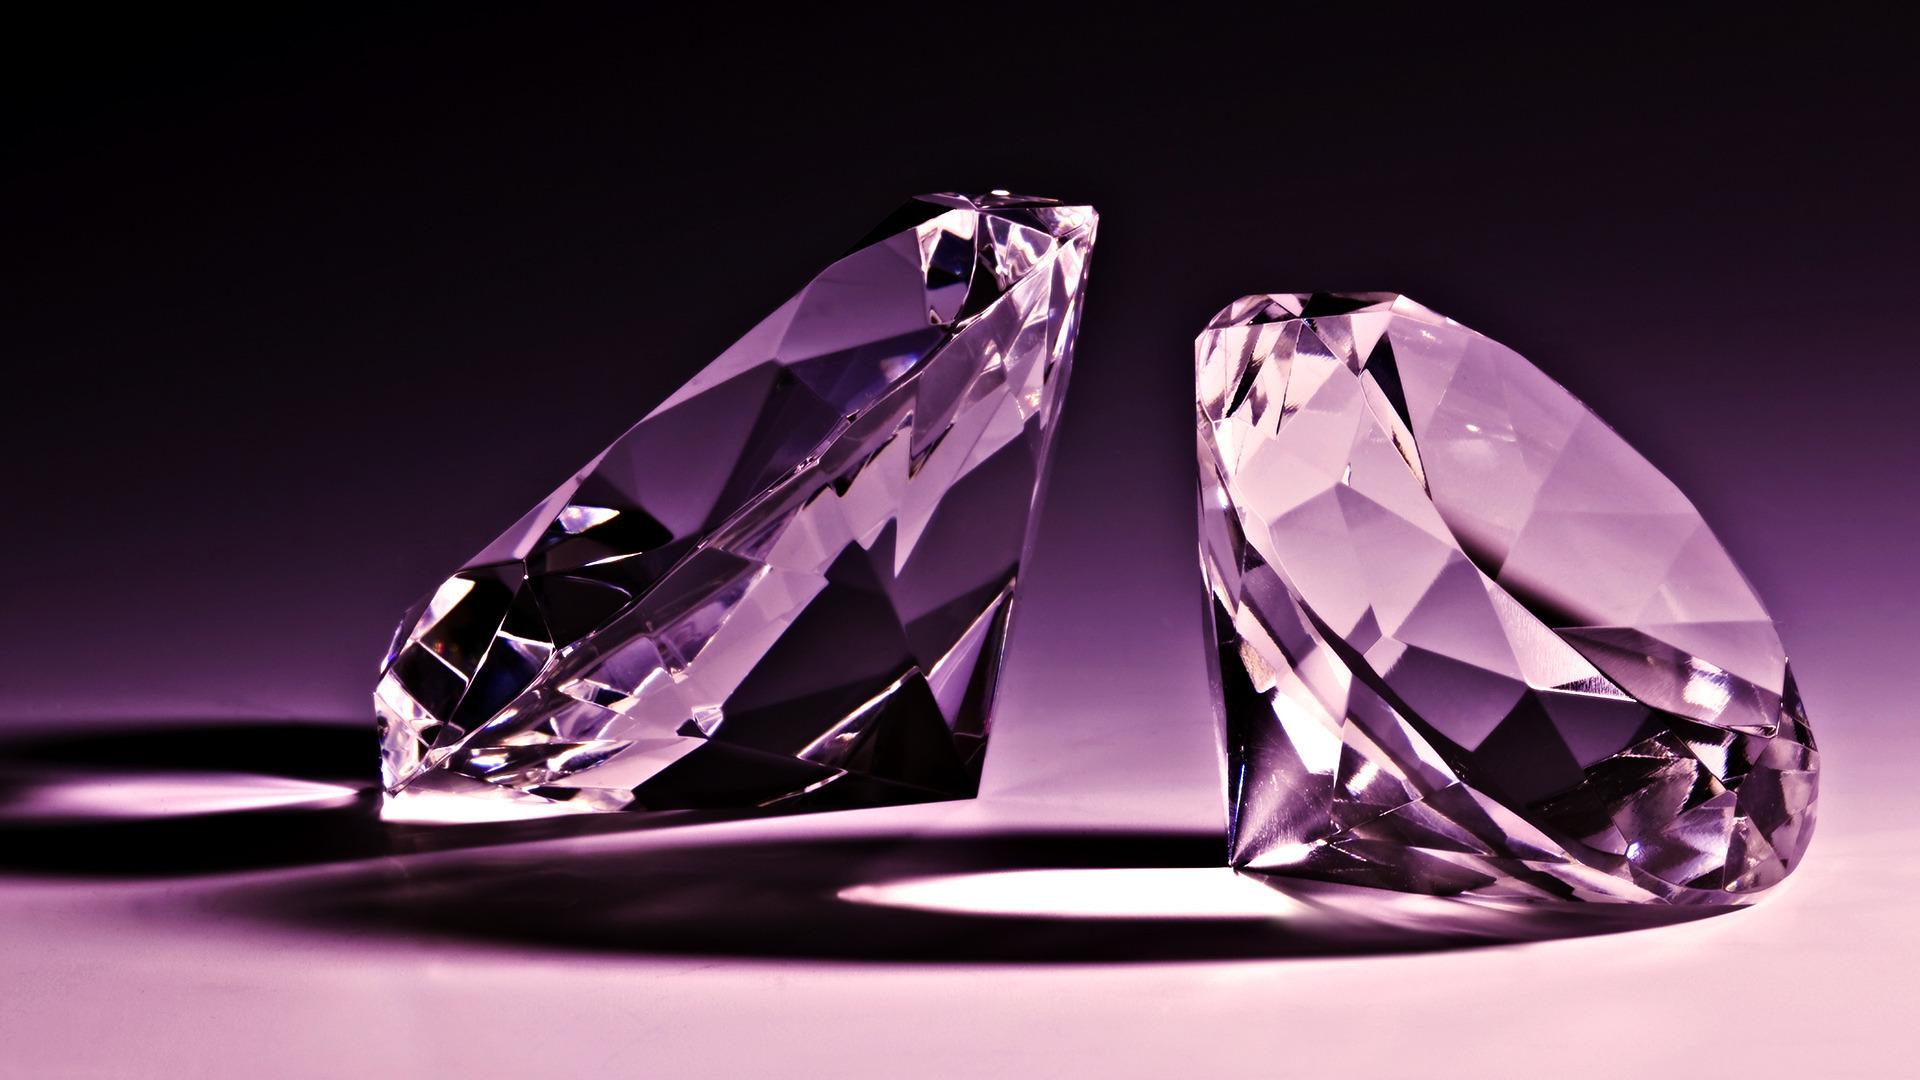 Смотреть Что предвещает алмаз во сне видео